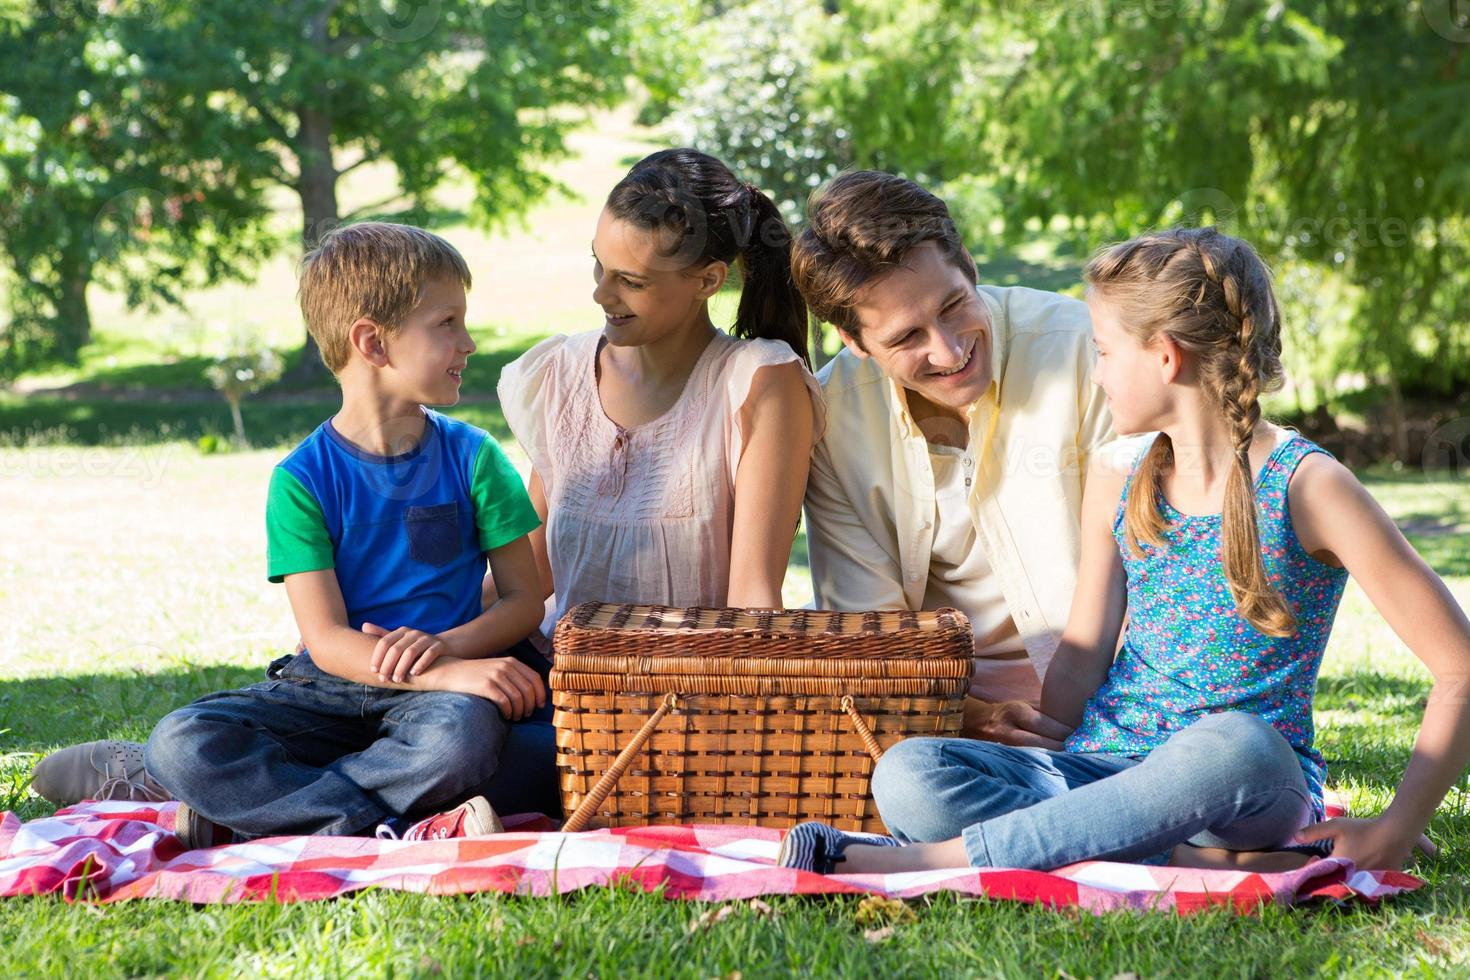 famille heureuse sur un pique-nique dans le parc photo